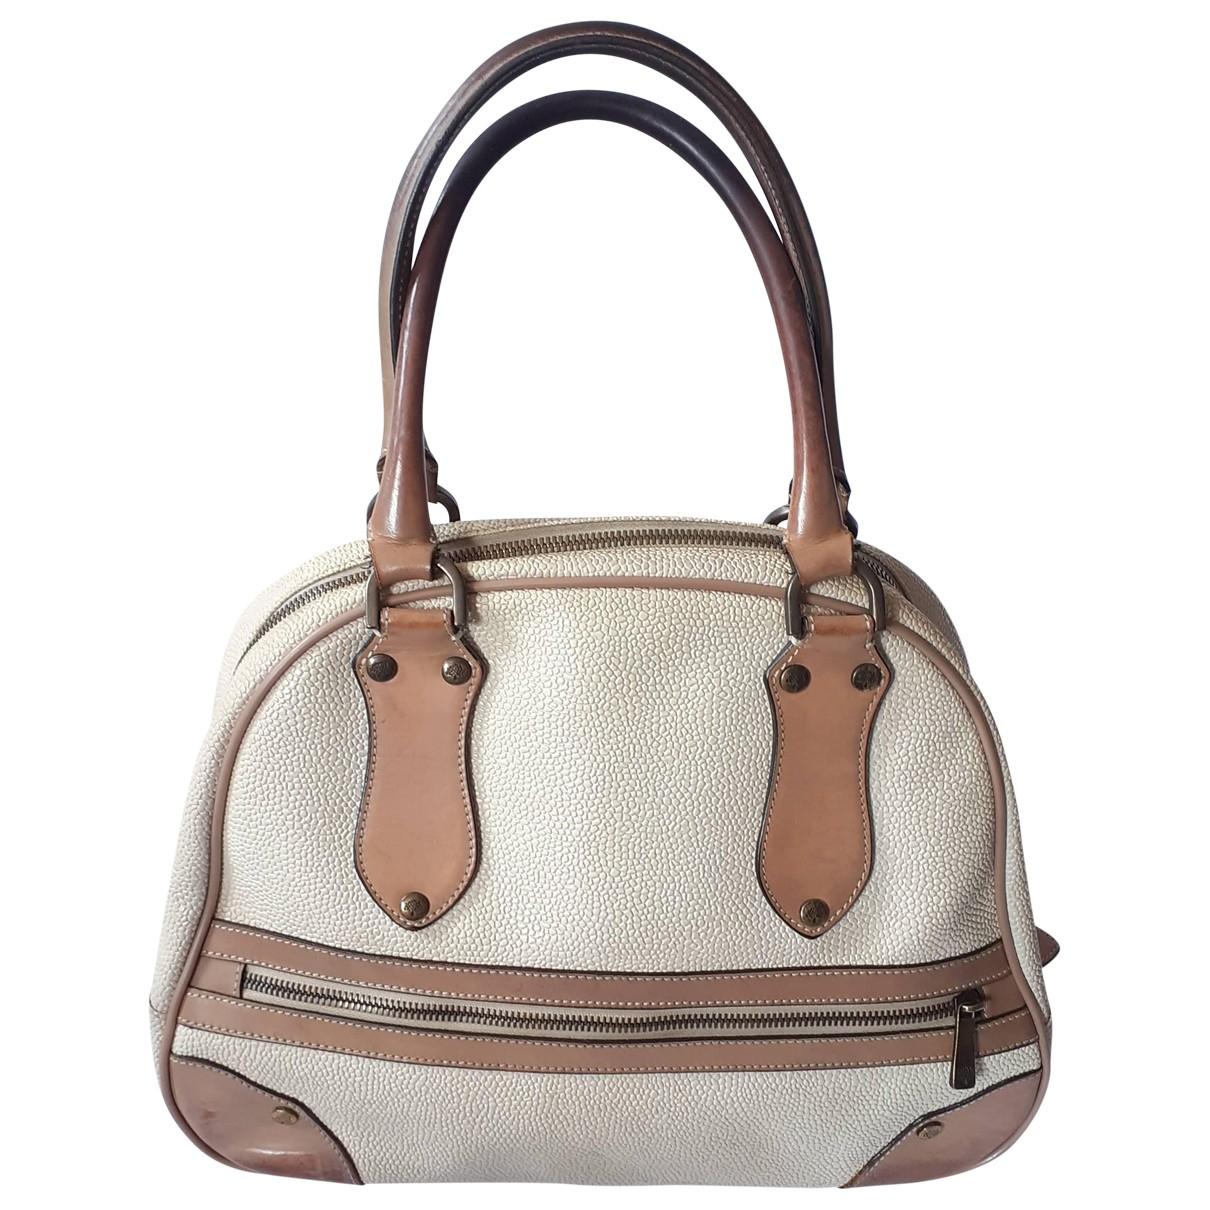 Mulberry \N Ecru Leather handbag for Women \N